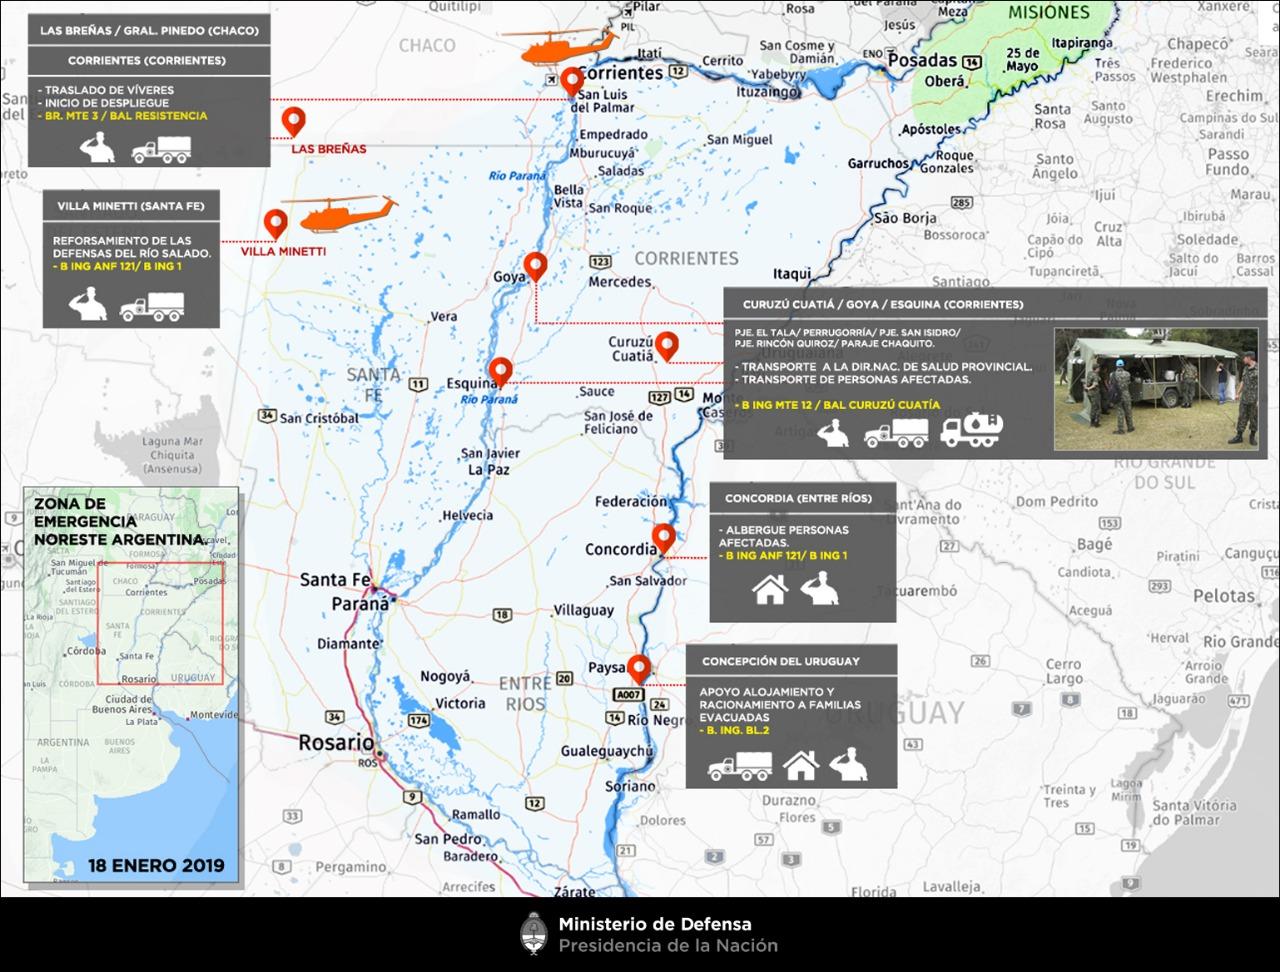 Mapa de las zonas de emergencia